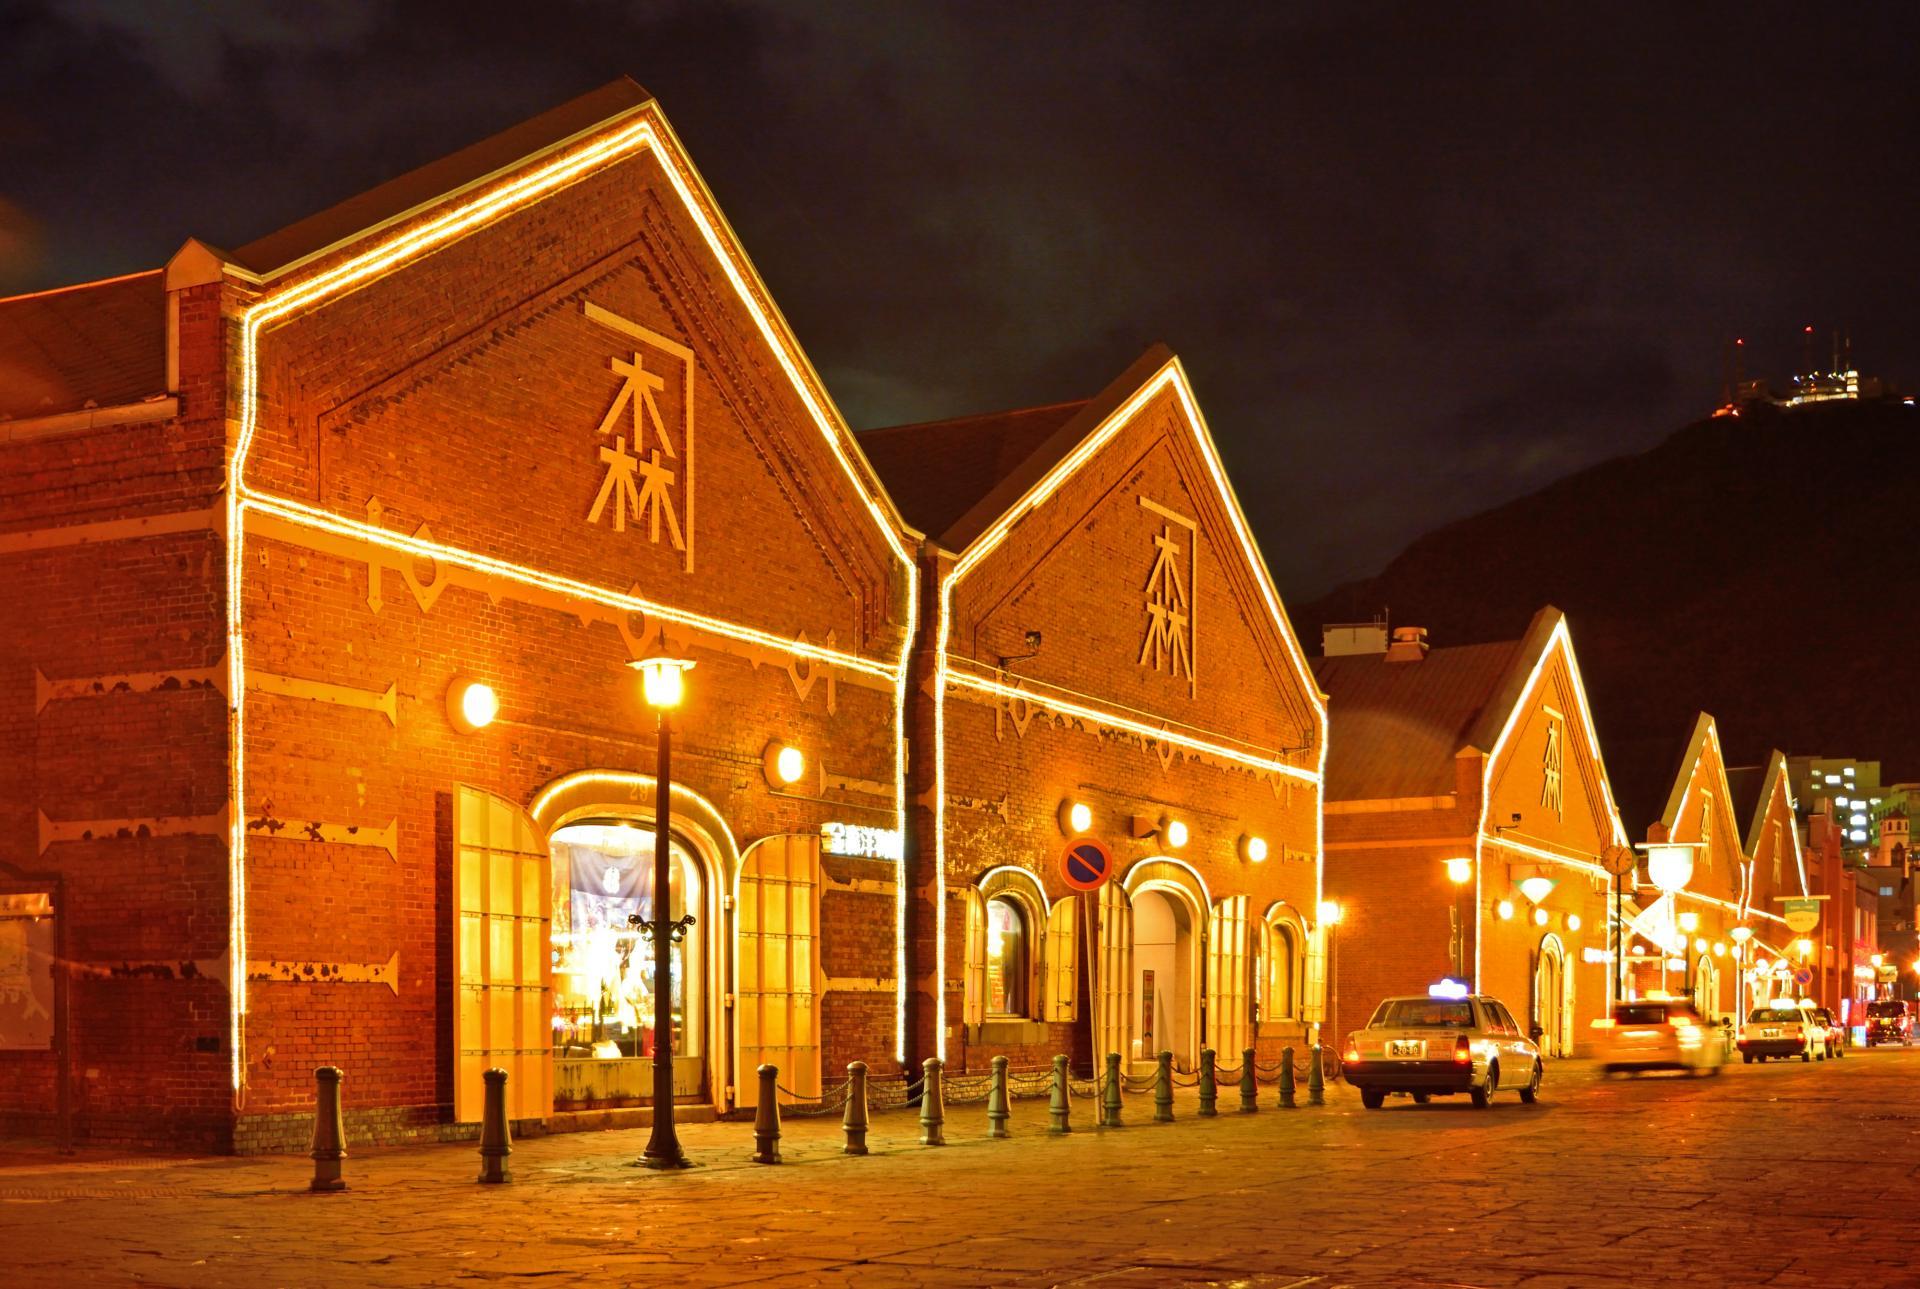 夜色下的金森紅磚倉庫